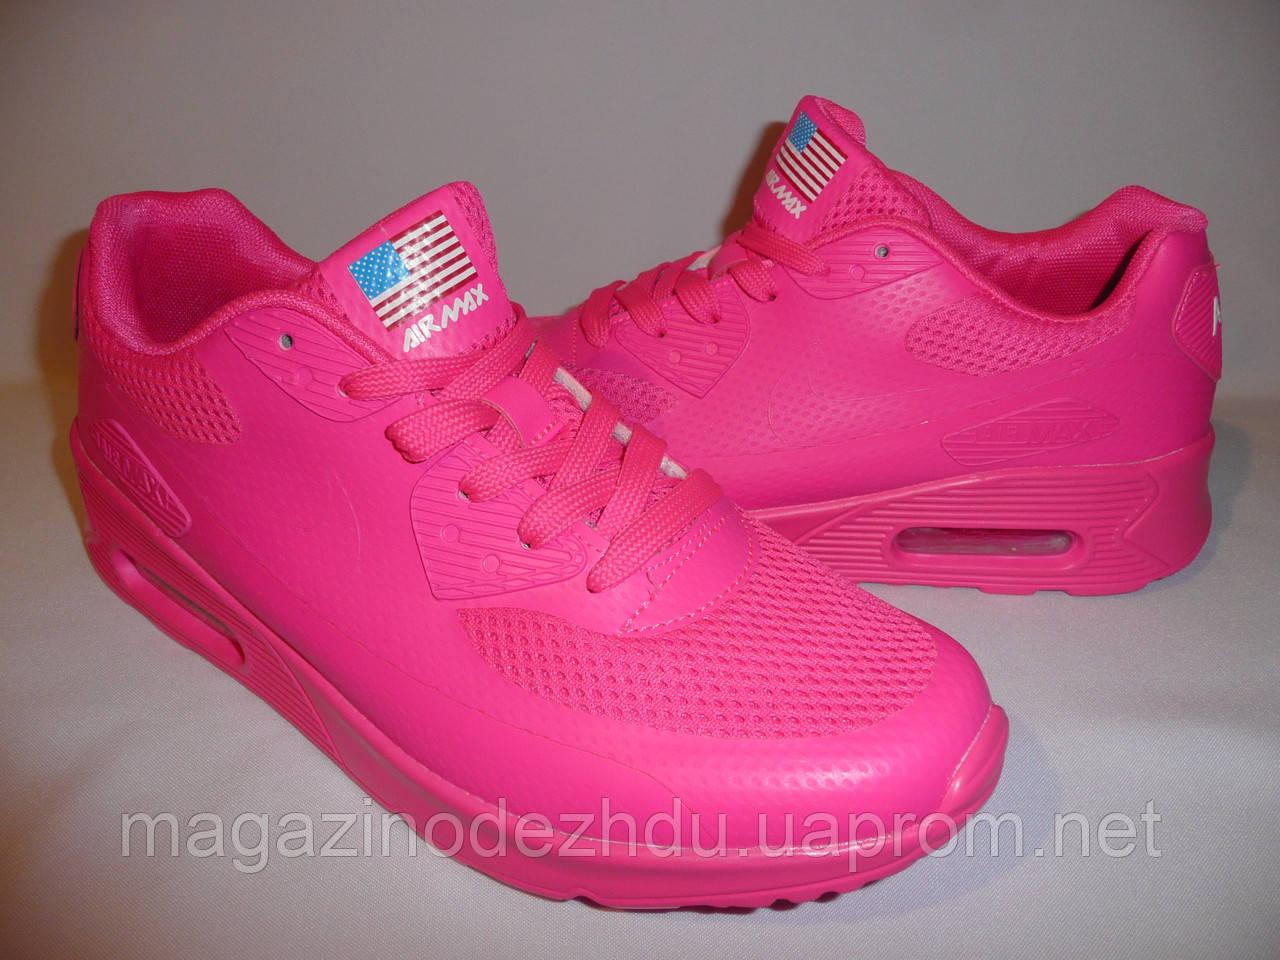 c4947a55 Купить Женские кроссовки для девушек nike для бега и фитнеса air max 90  hyperfuse розовые сетка